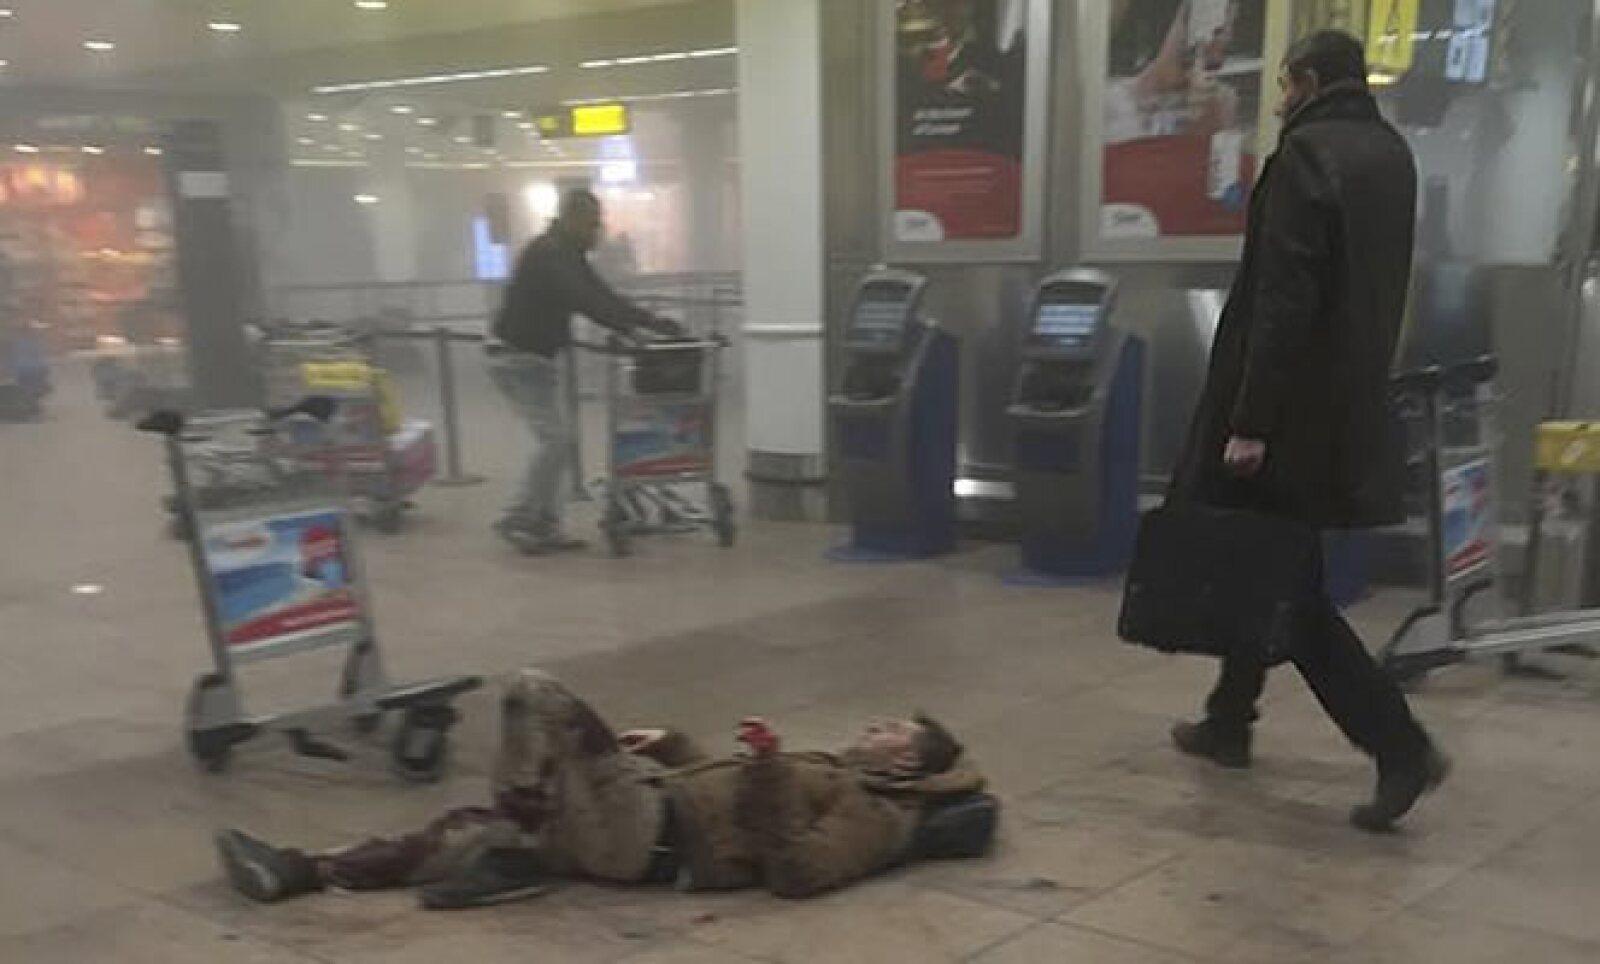 El grupo terrorista ISIS se atribuyó los ataques.